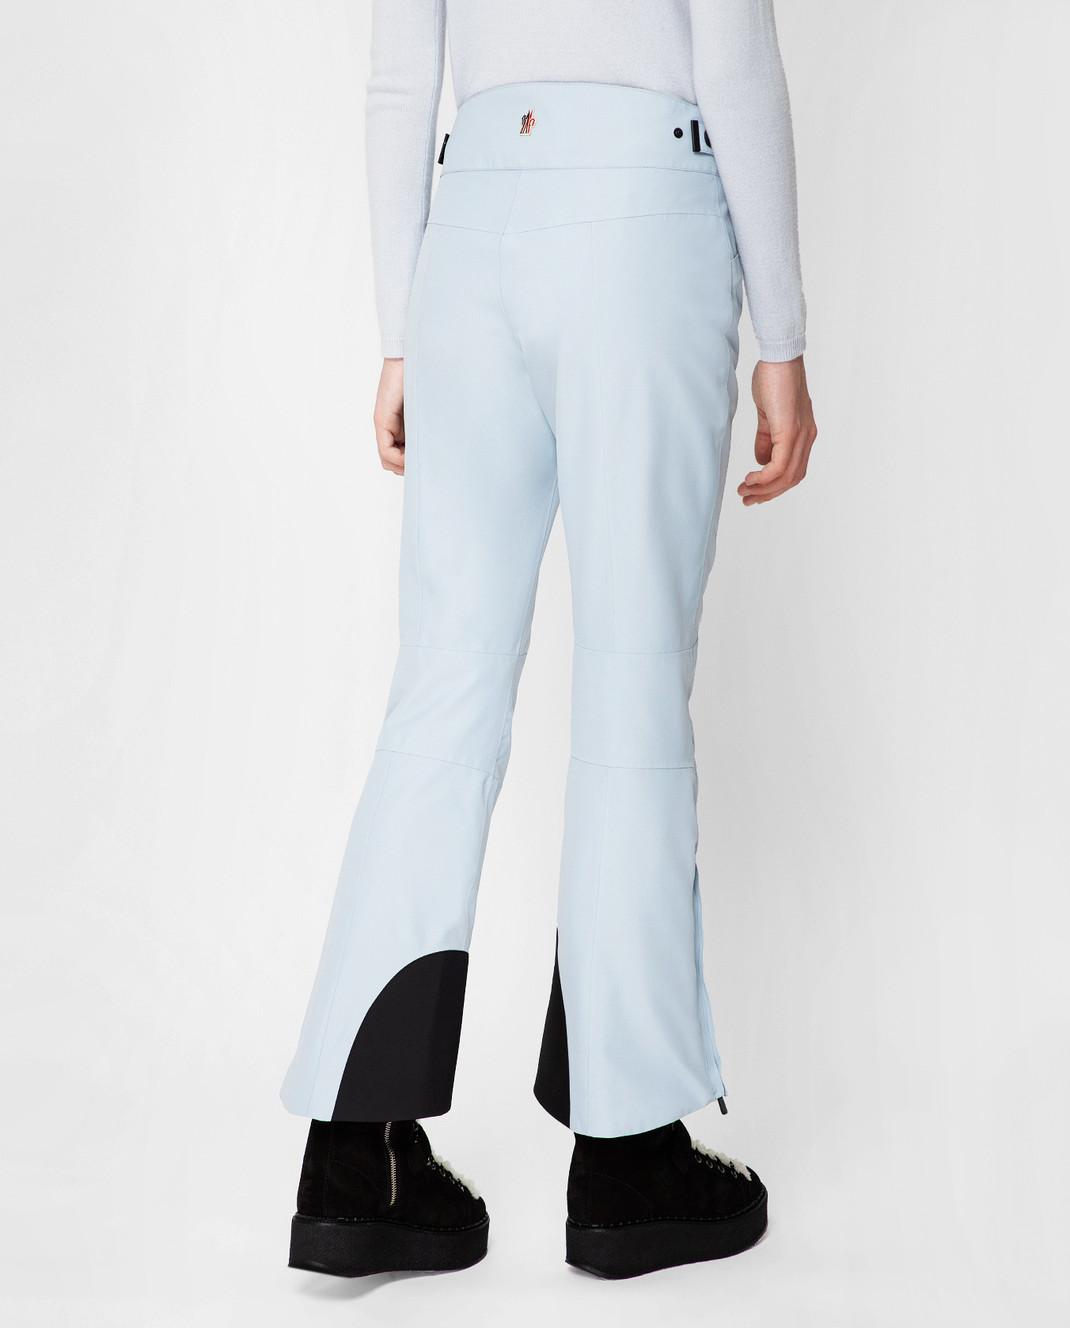 Moncler Grenoble Голубые лыжные брюки 16417 изображение 4